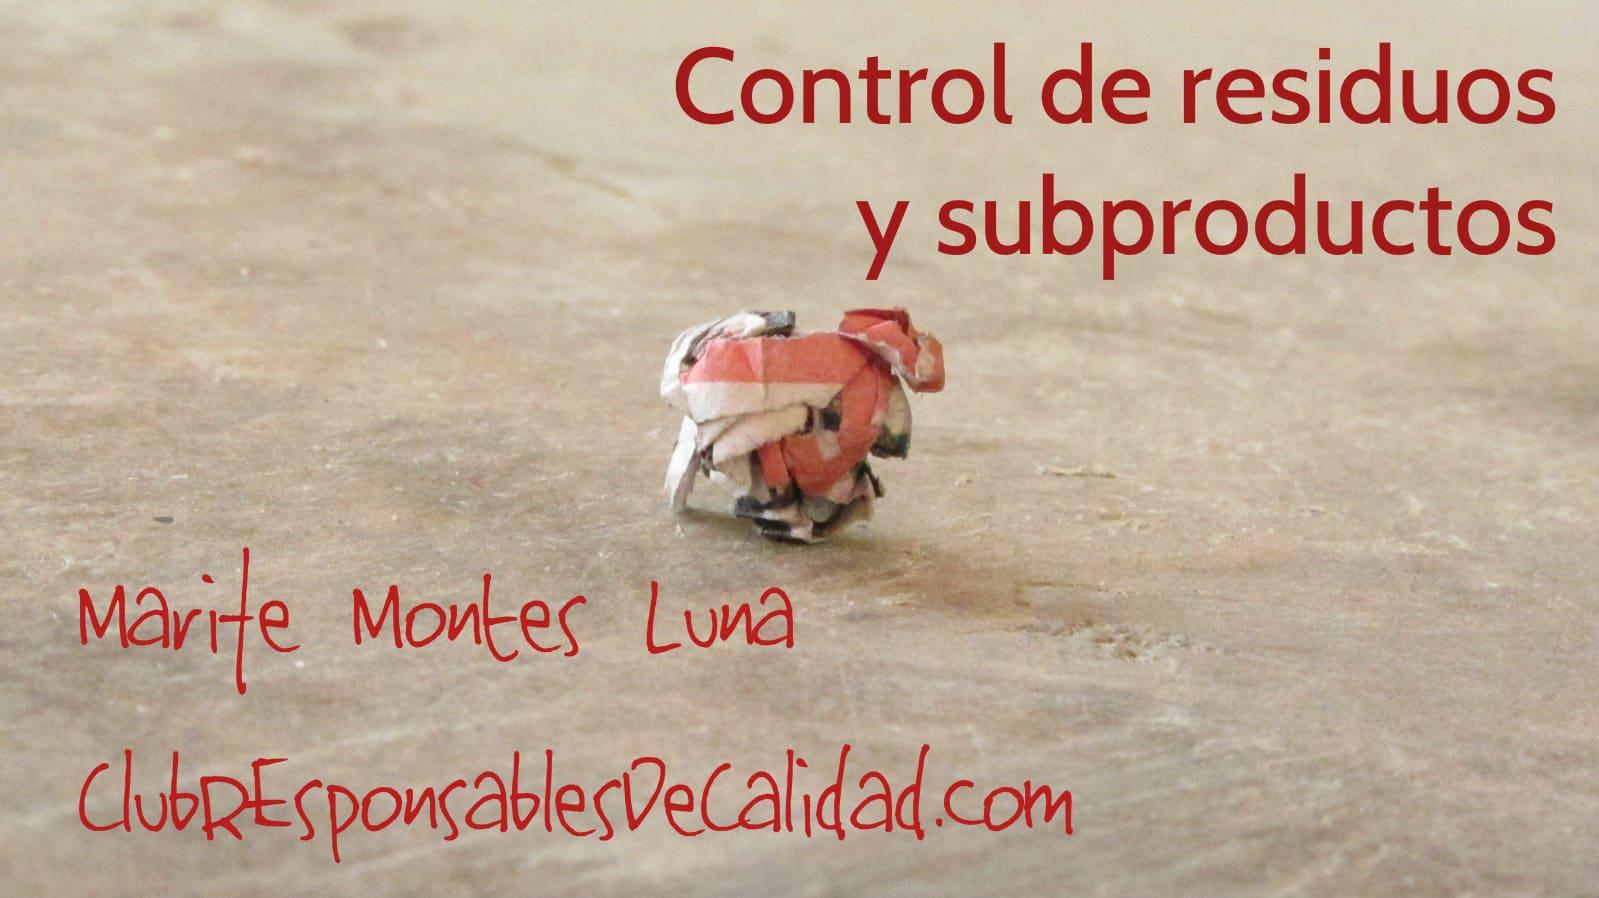 Control de residuos y subproductos